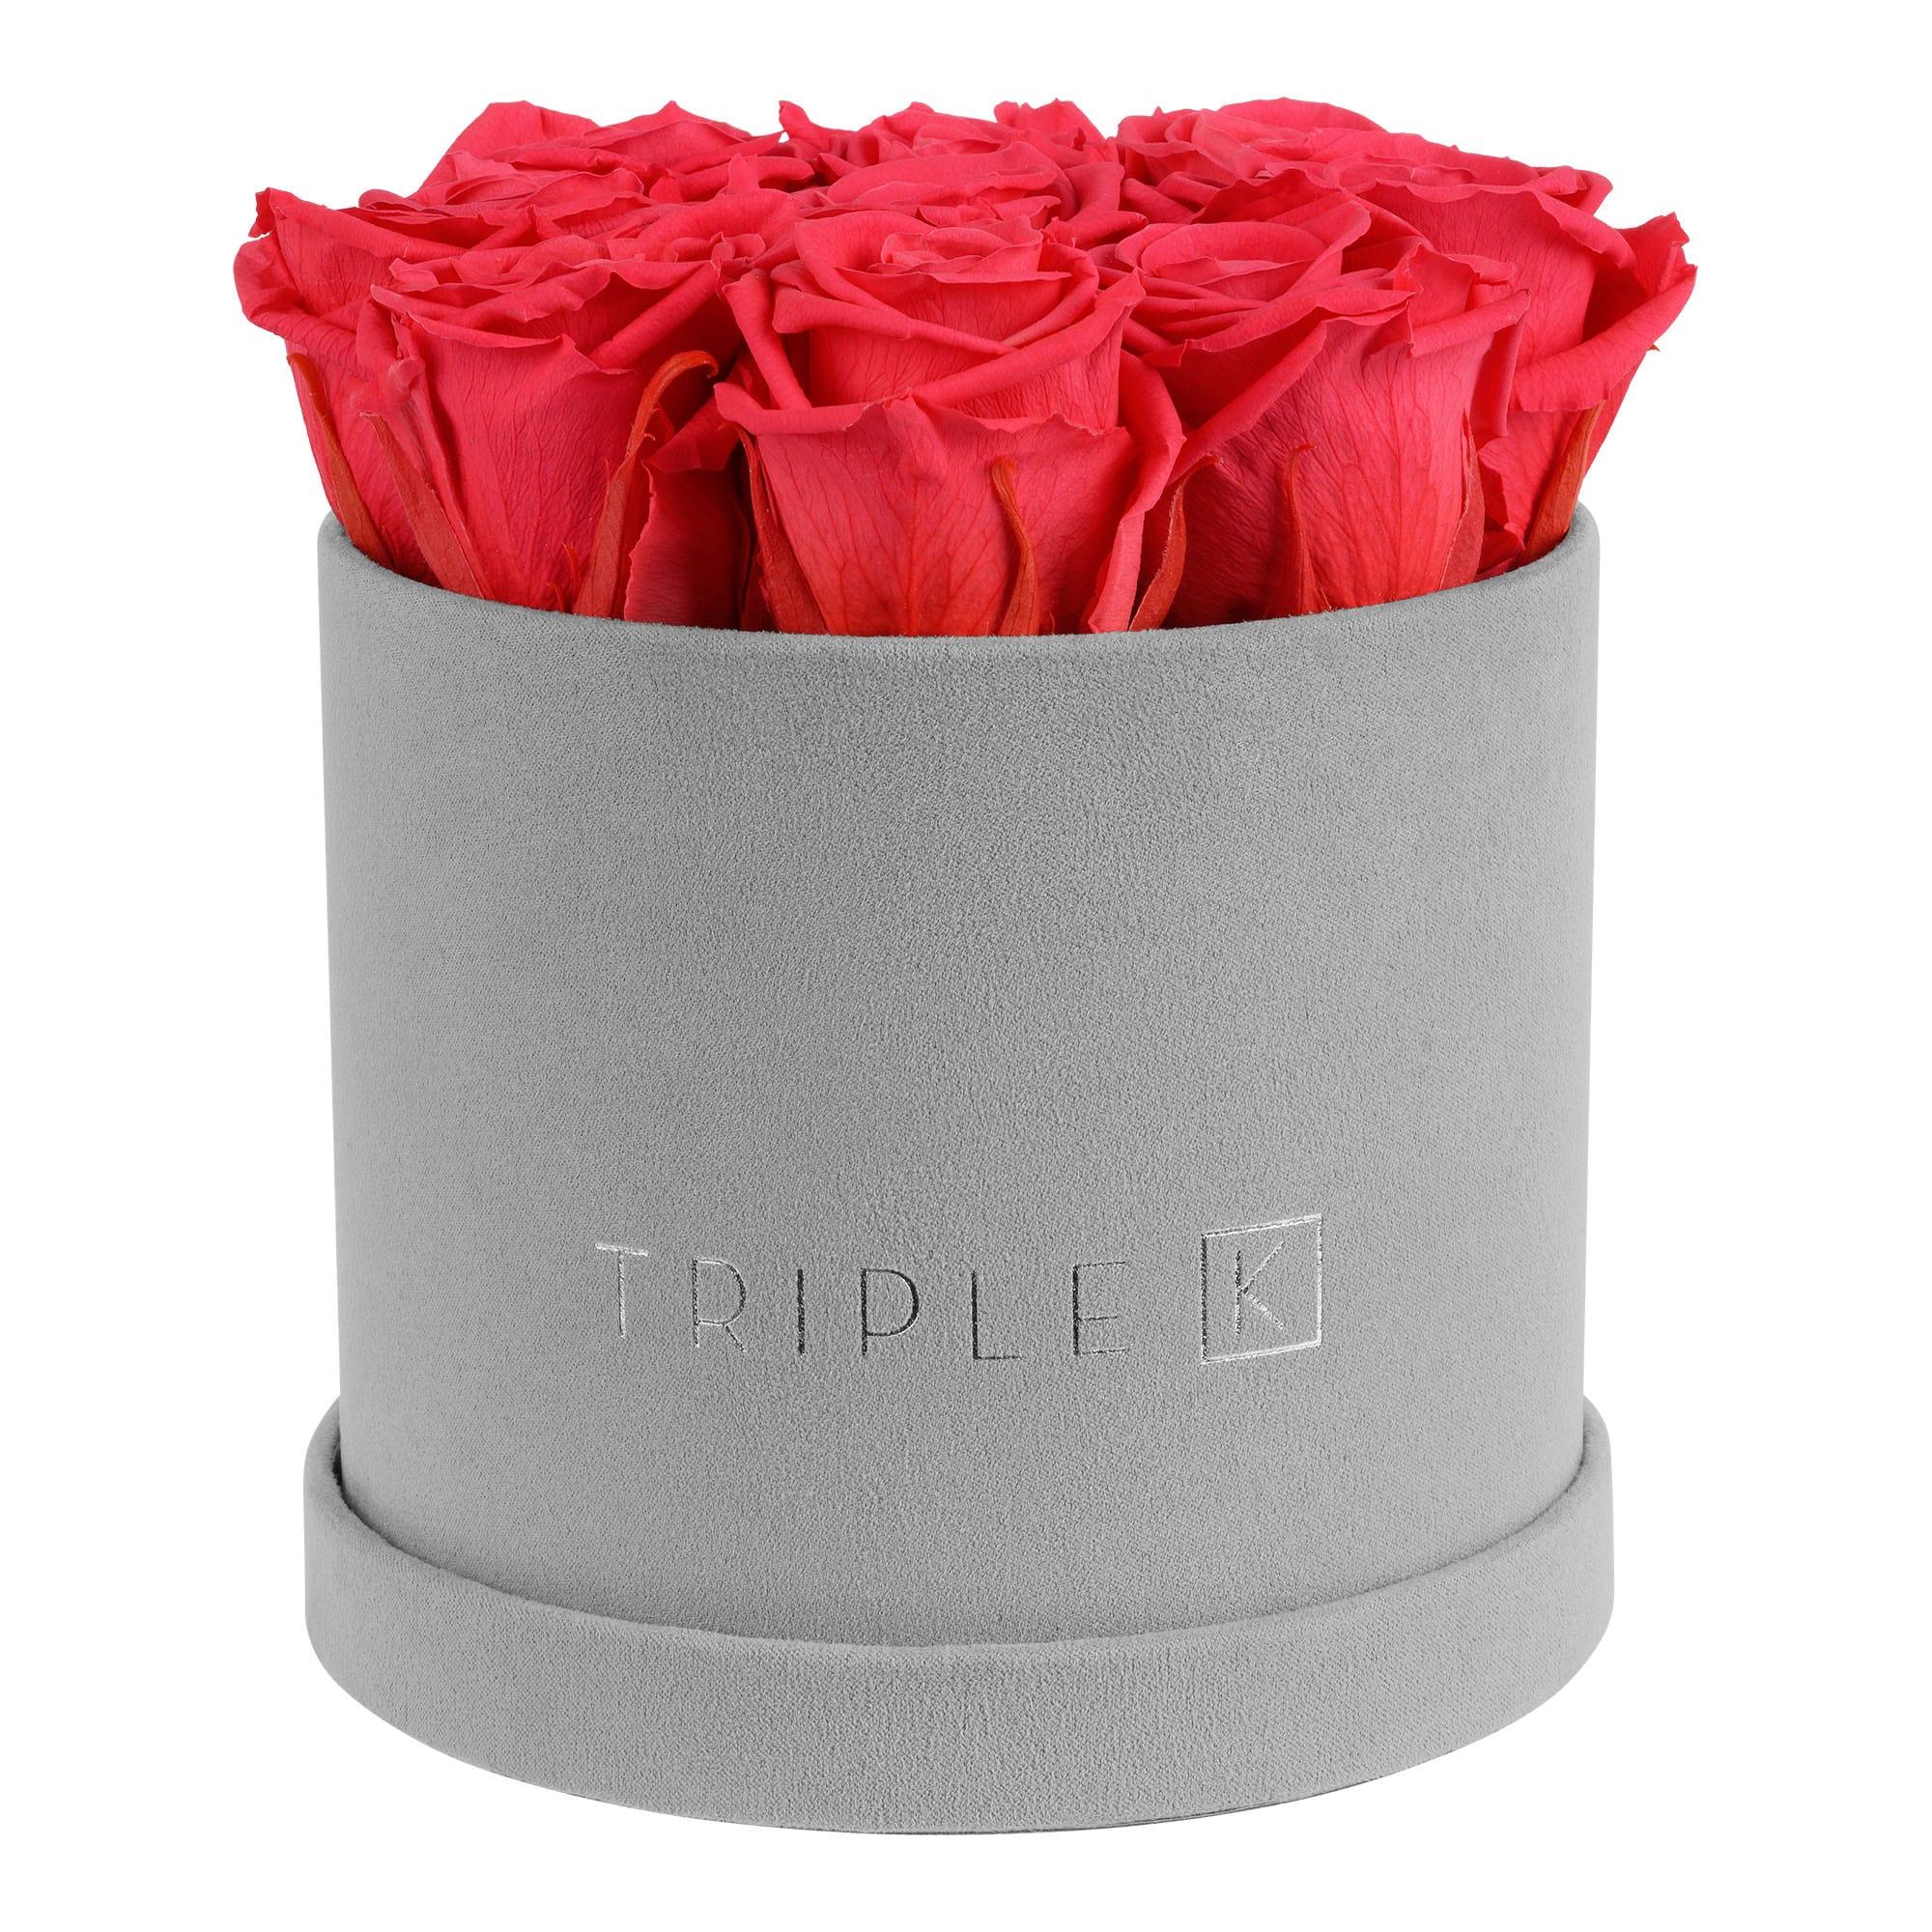 Runde Rosenbox aus hellgrauem Samt mit peach pinken Infinityrosen